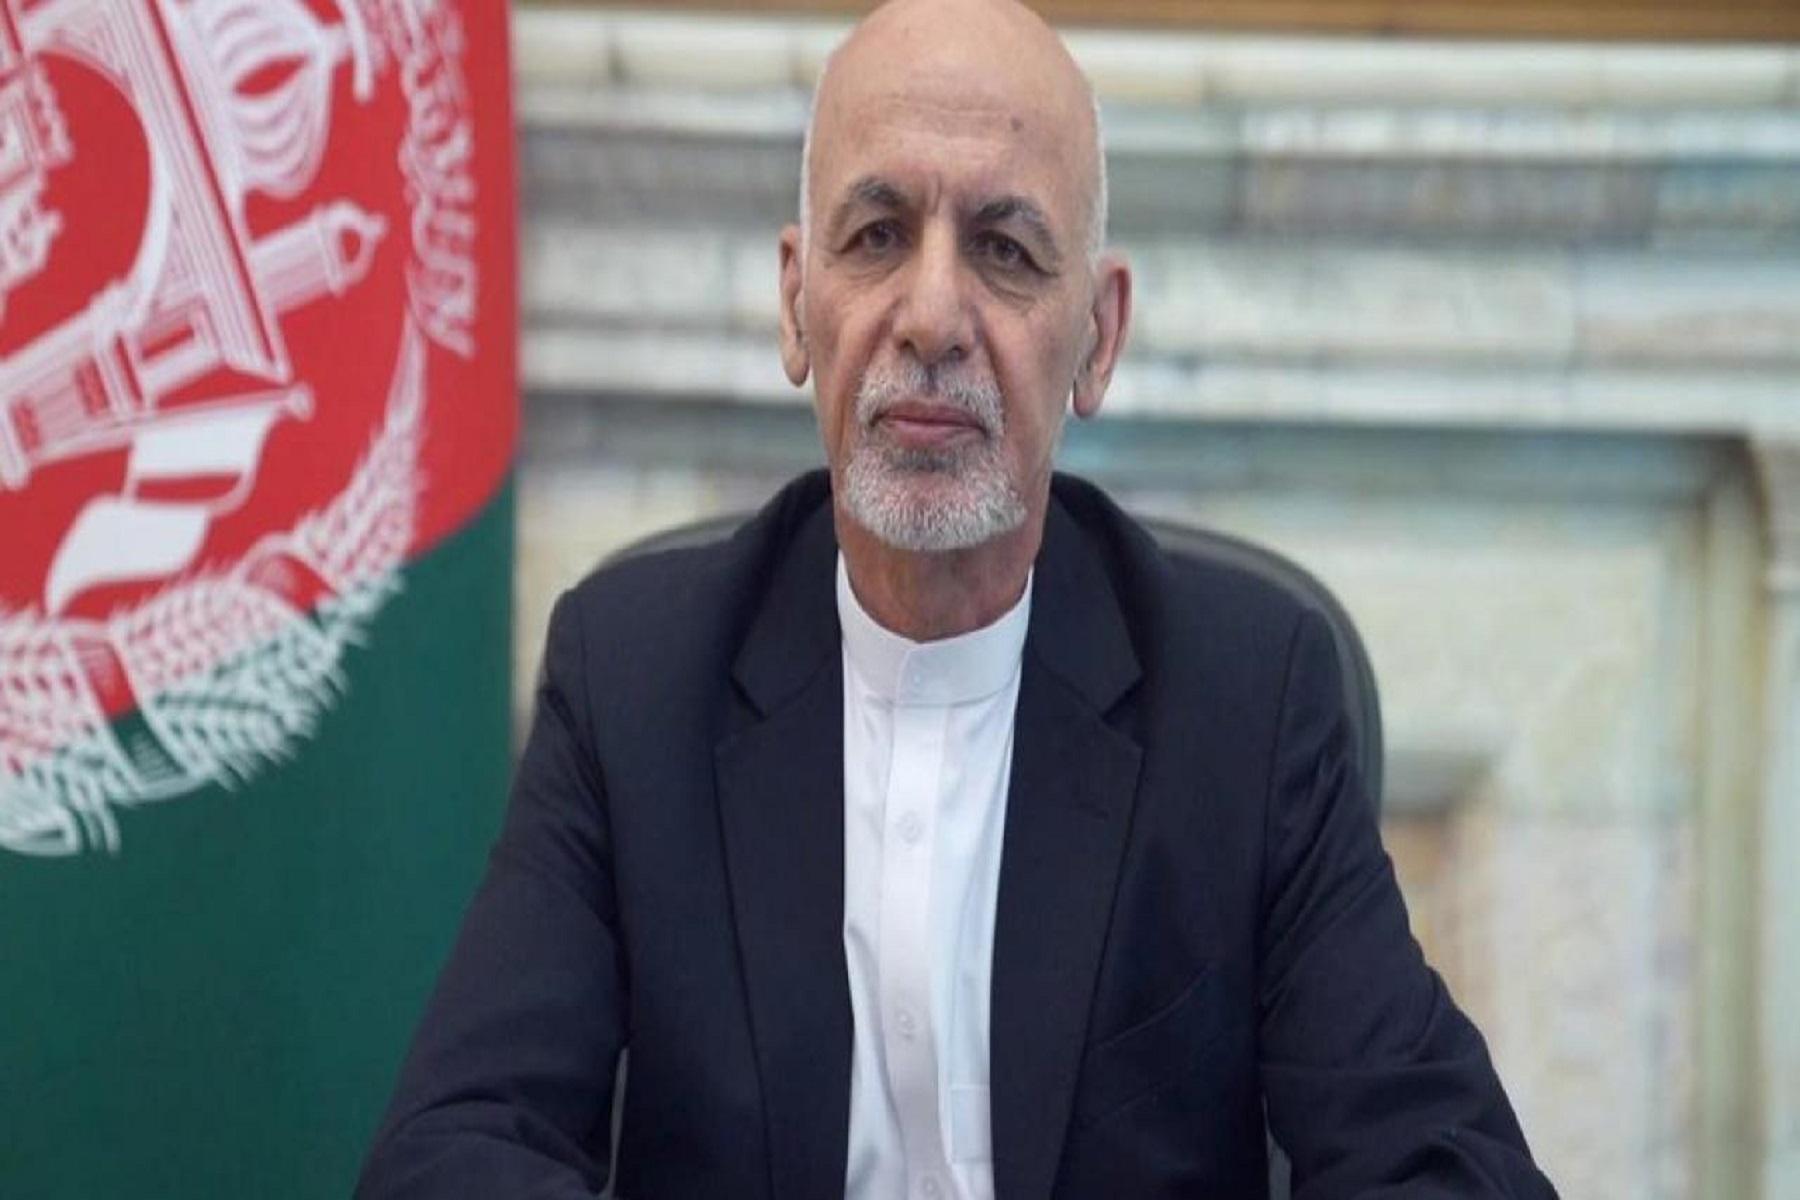 Πρόεδρος Αφγανιστάν: Τον λόγο για τον οποίο εγκατέλειψε τη χώρα εξηγεί ο Ashraf Ghani